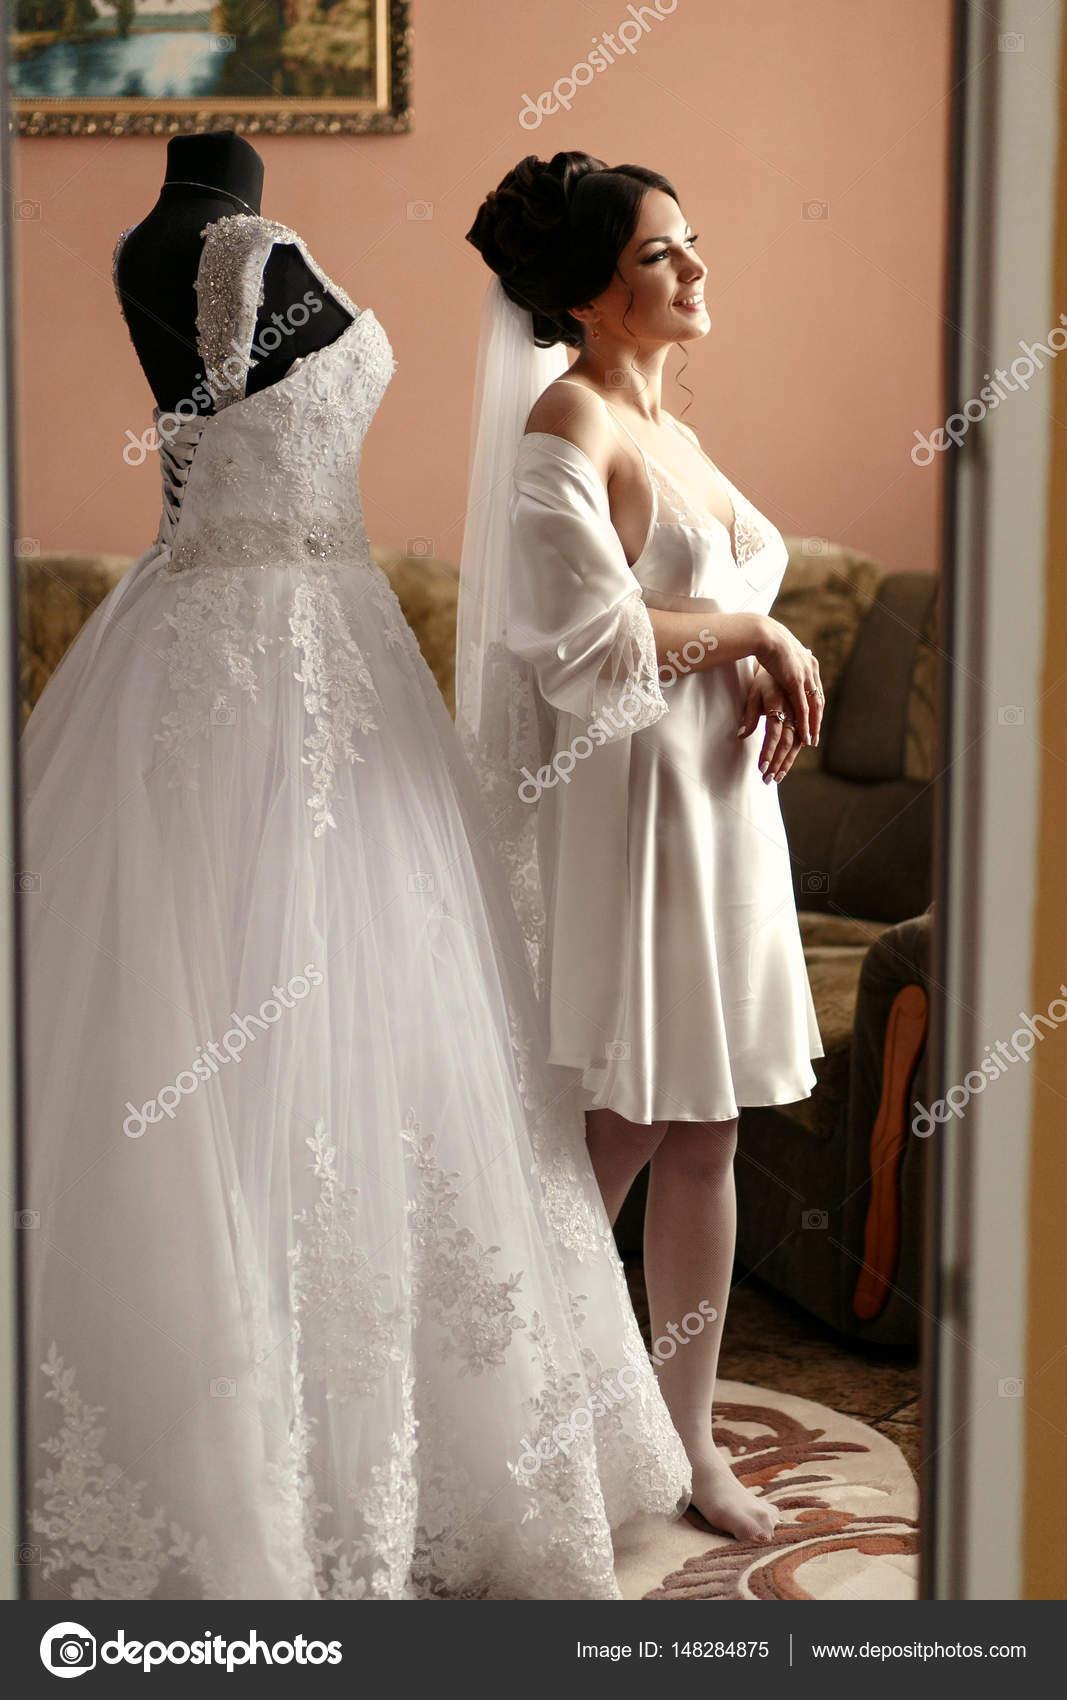 Die Braut steht in der Nähe von Brautkleid in das Zimmer — Stockfoto ...